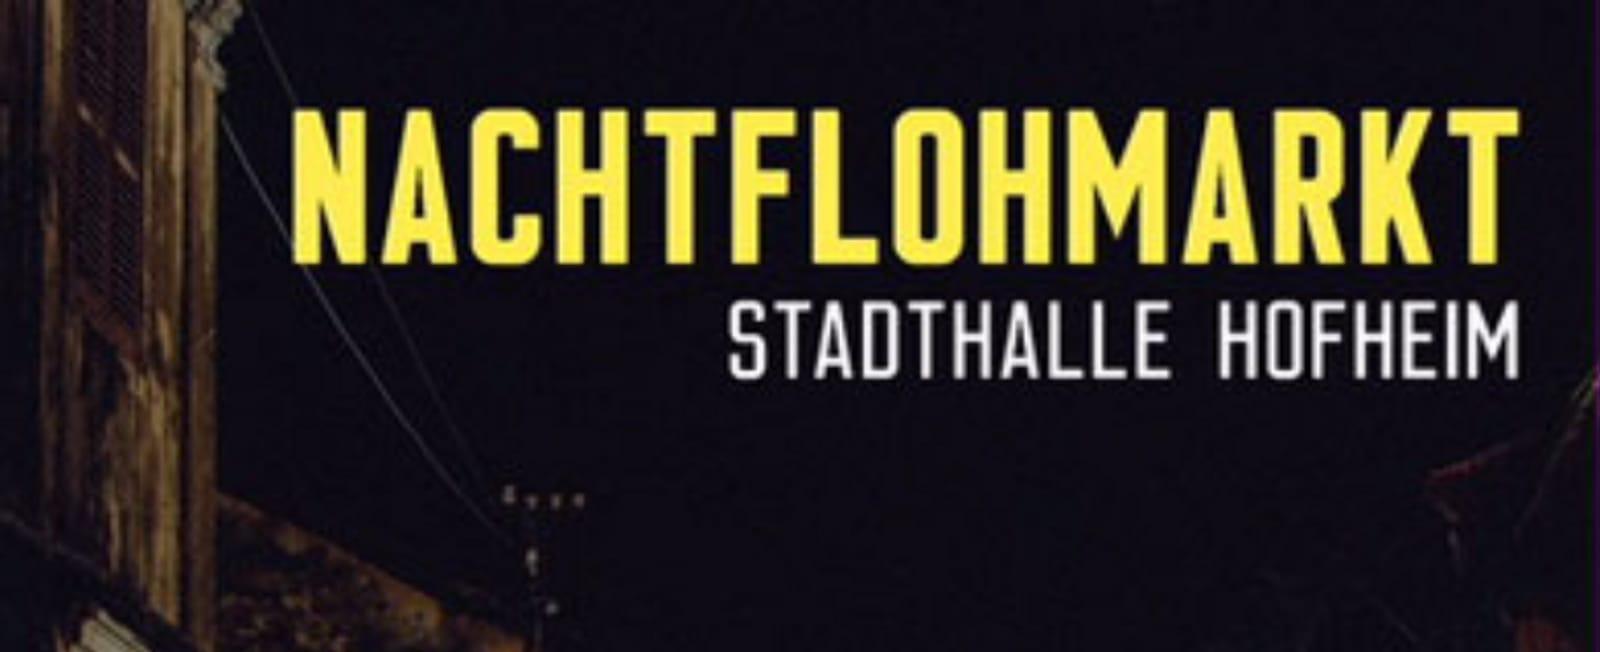 Nachtflohmarkt Stadthalle Hofheim